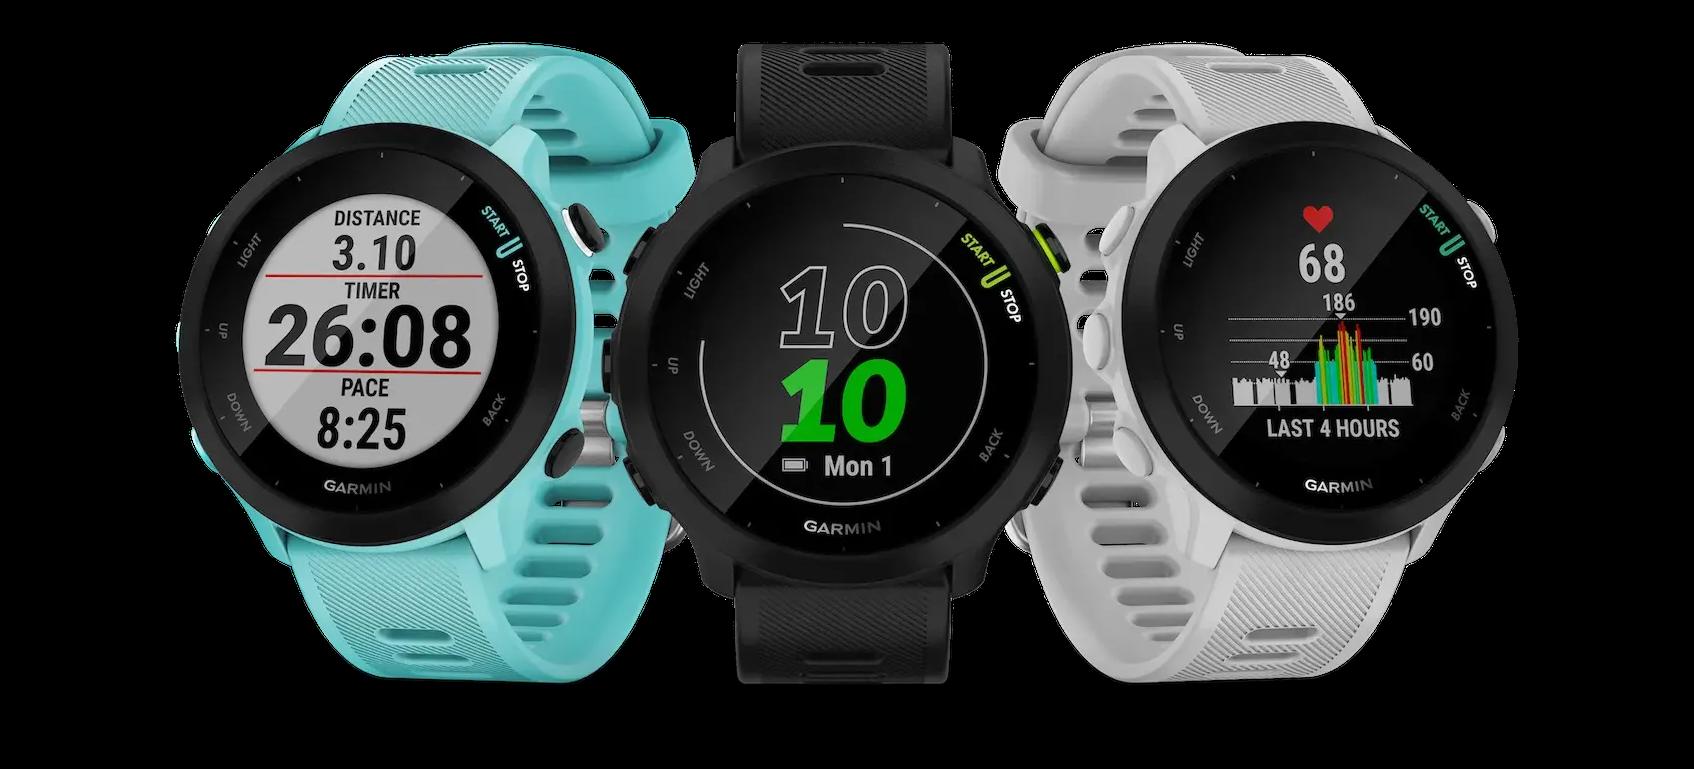 The Garmin Forerunner 55 GPS running watch lineup